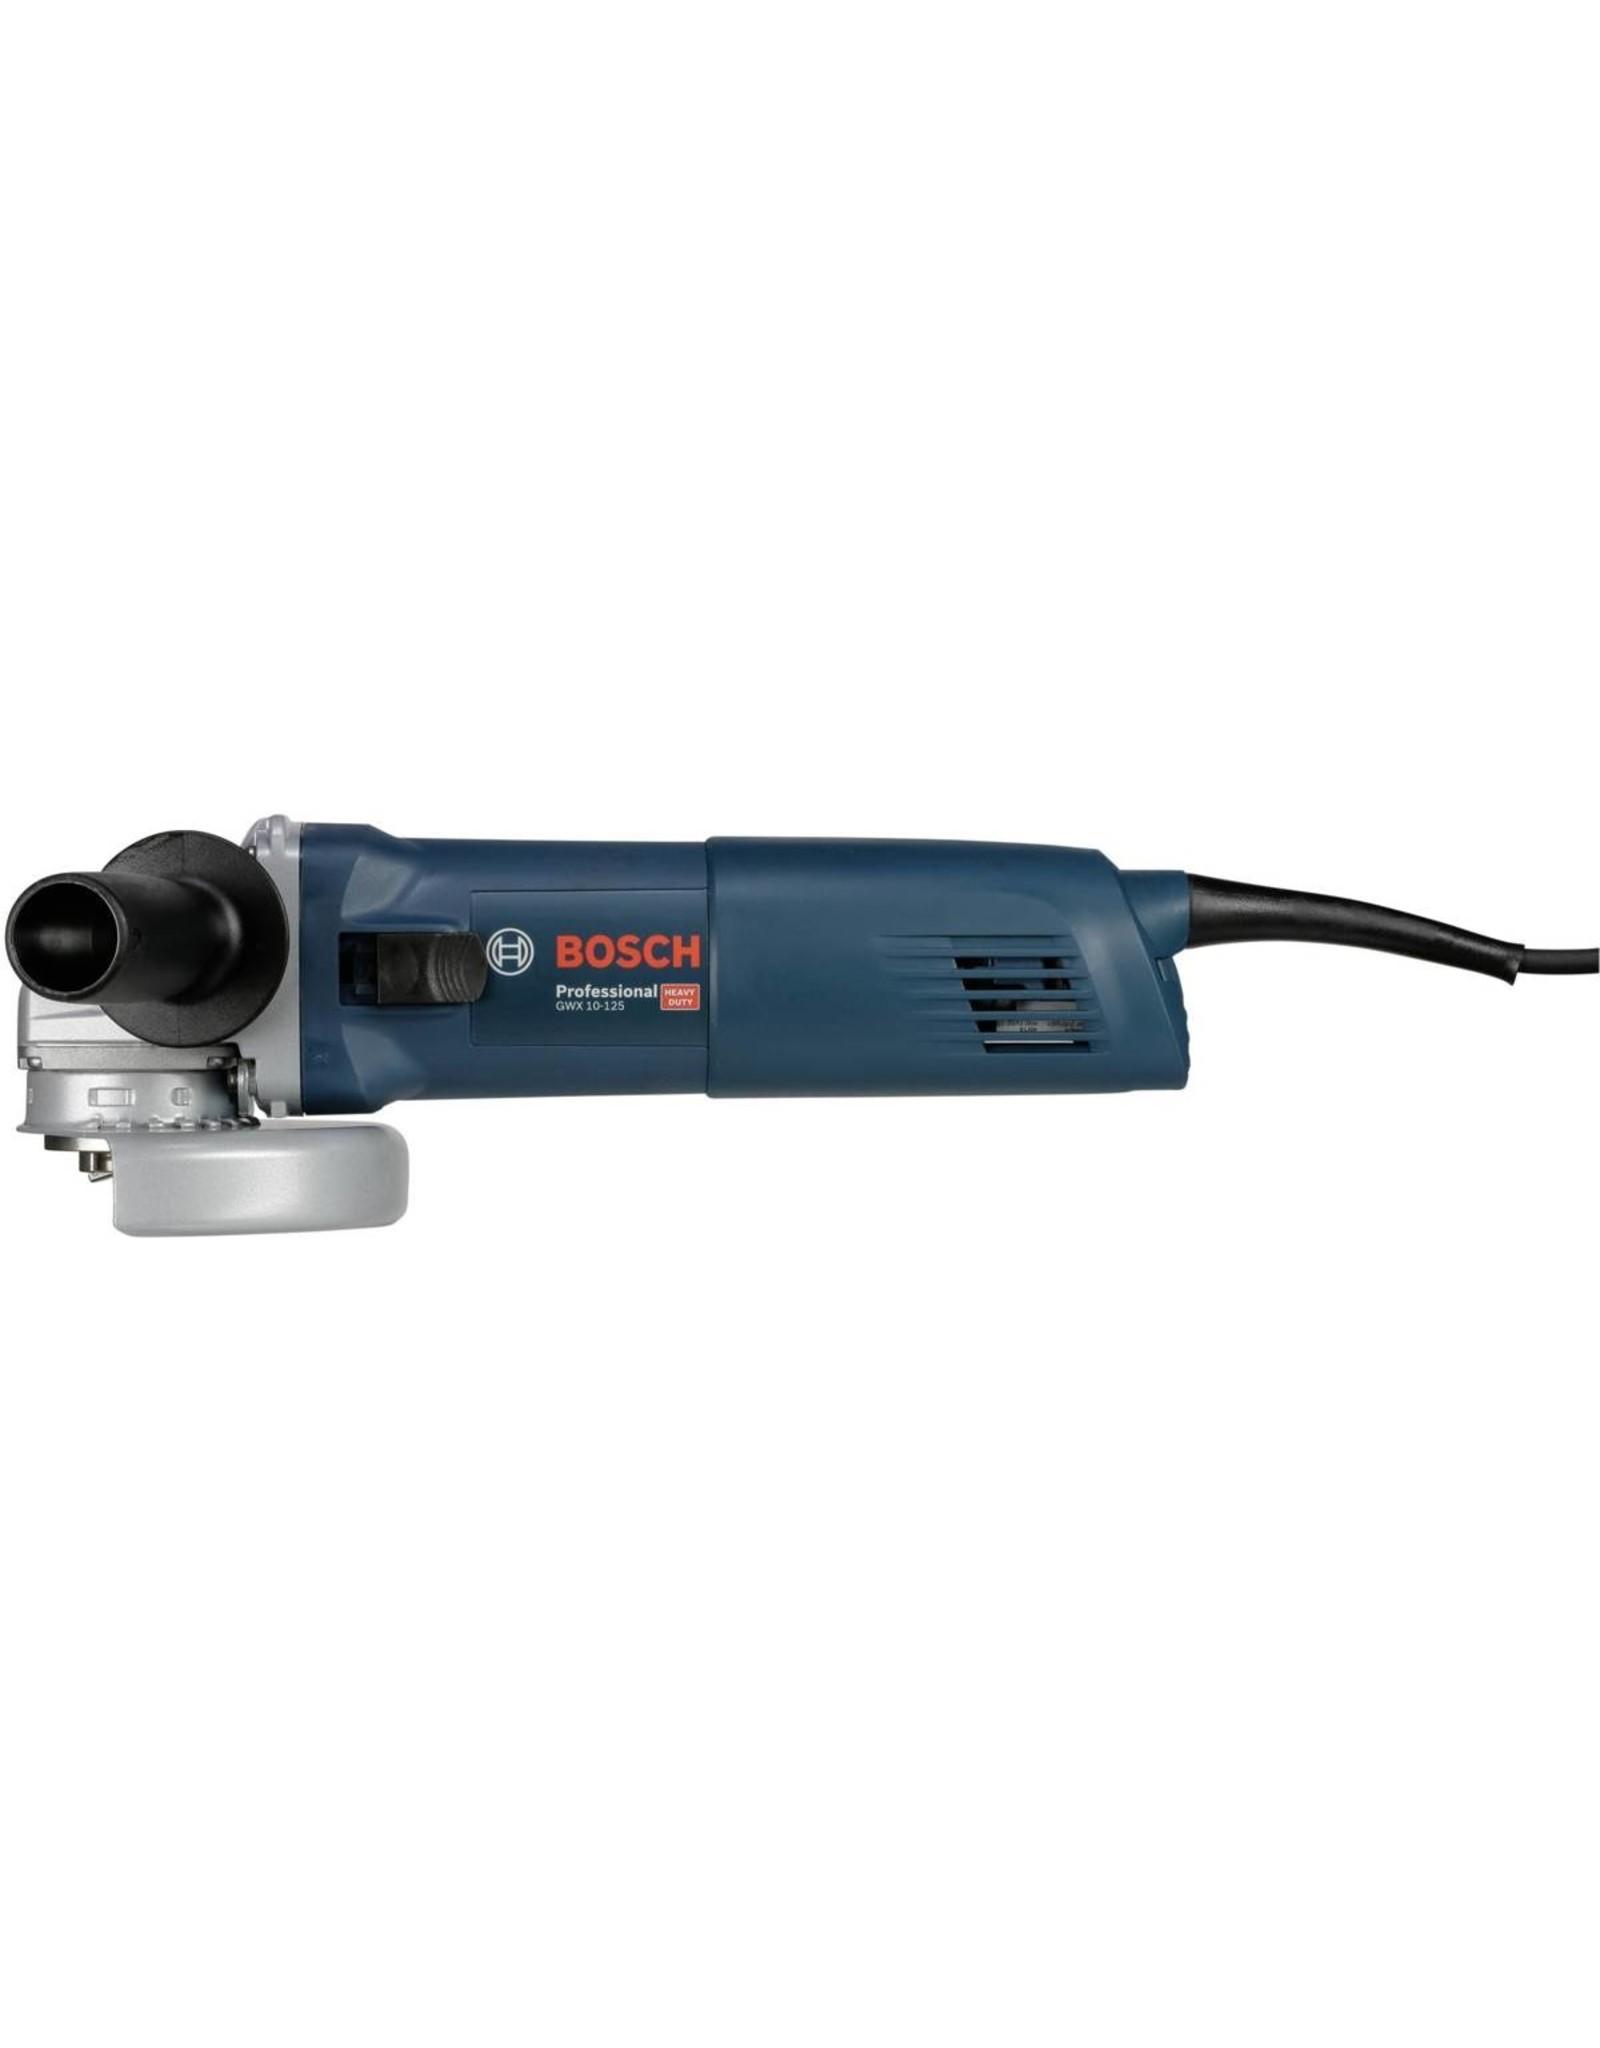 Bosch Professional Bosch GWX 10-125 - Haakse Slijpmachine - Met Accessoires - Rotatie Van 90 Graden